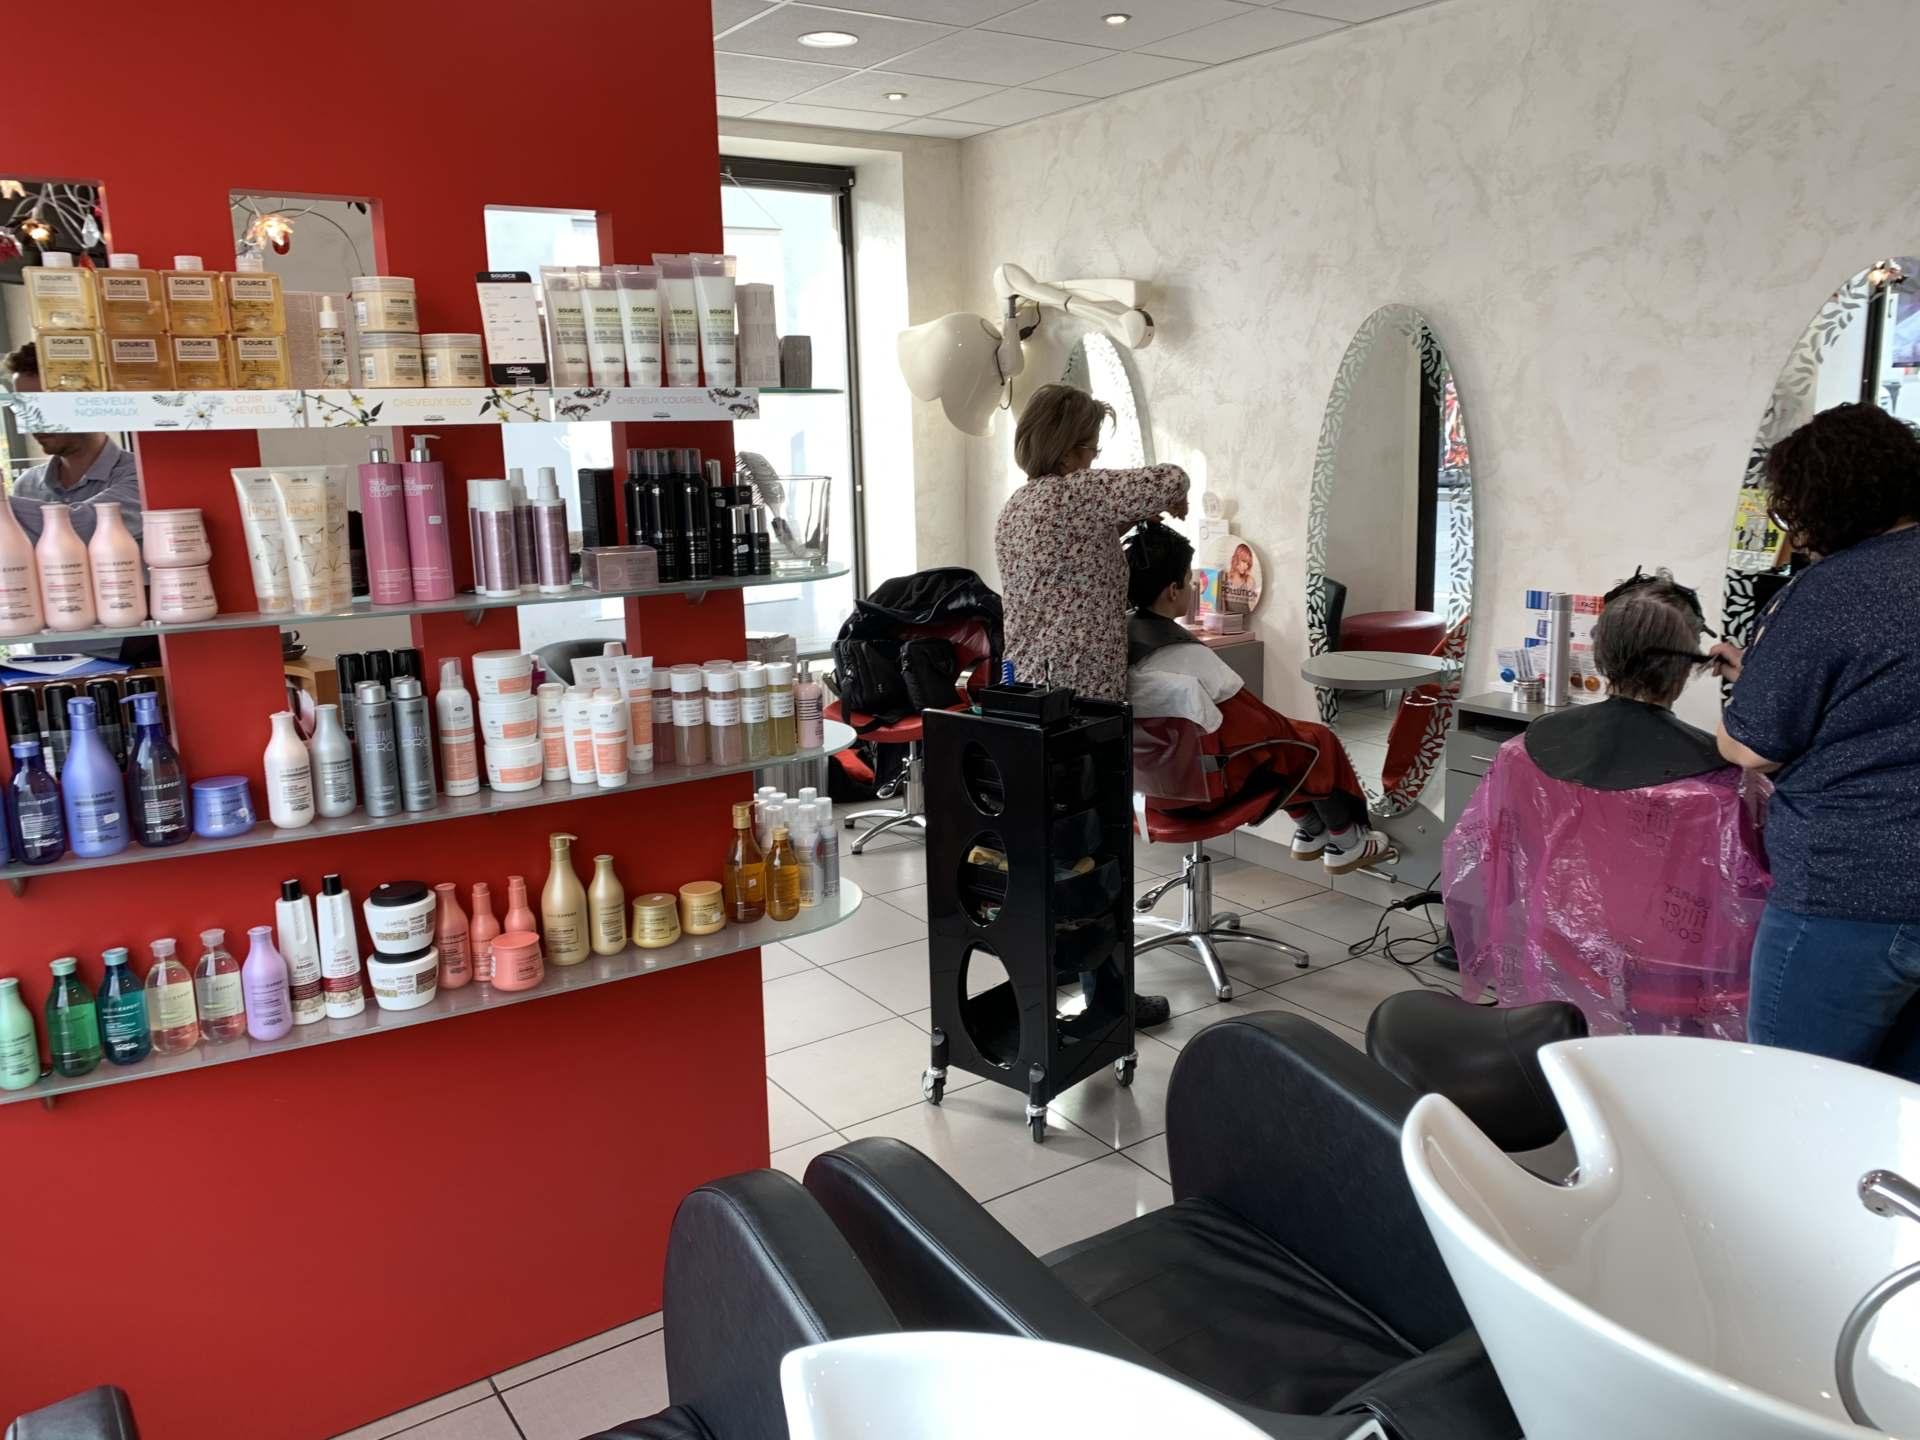 Salon de coiffure à Collonges-sous-Salève | Angèle Coiffure